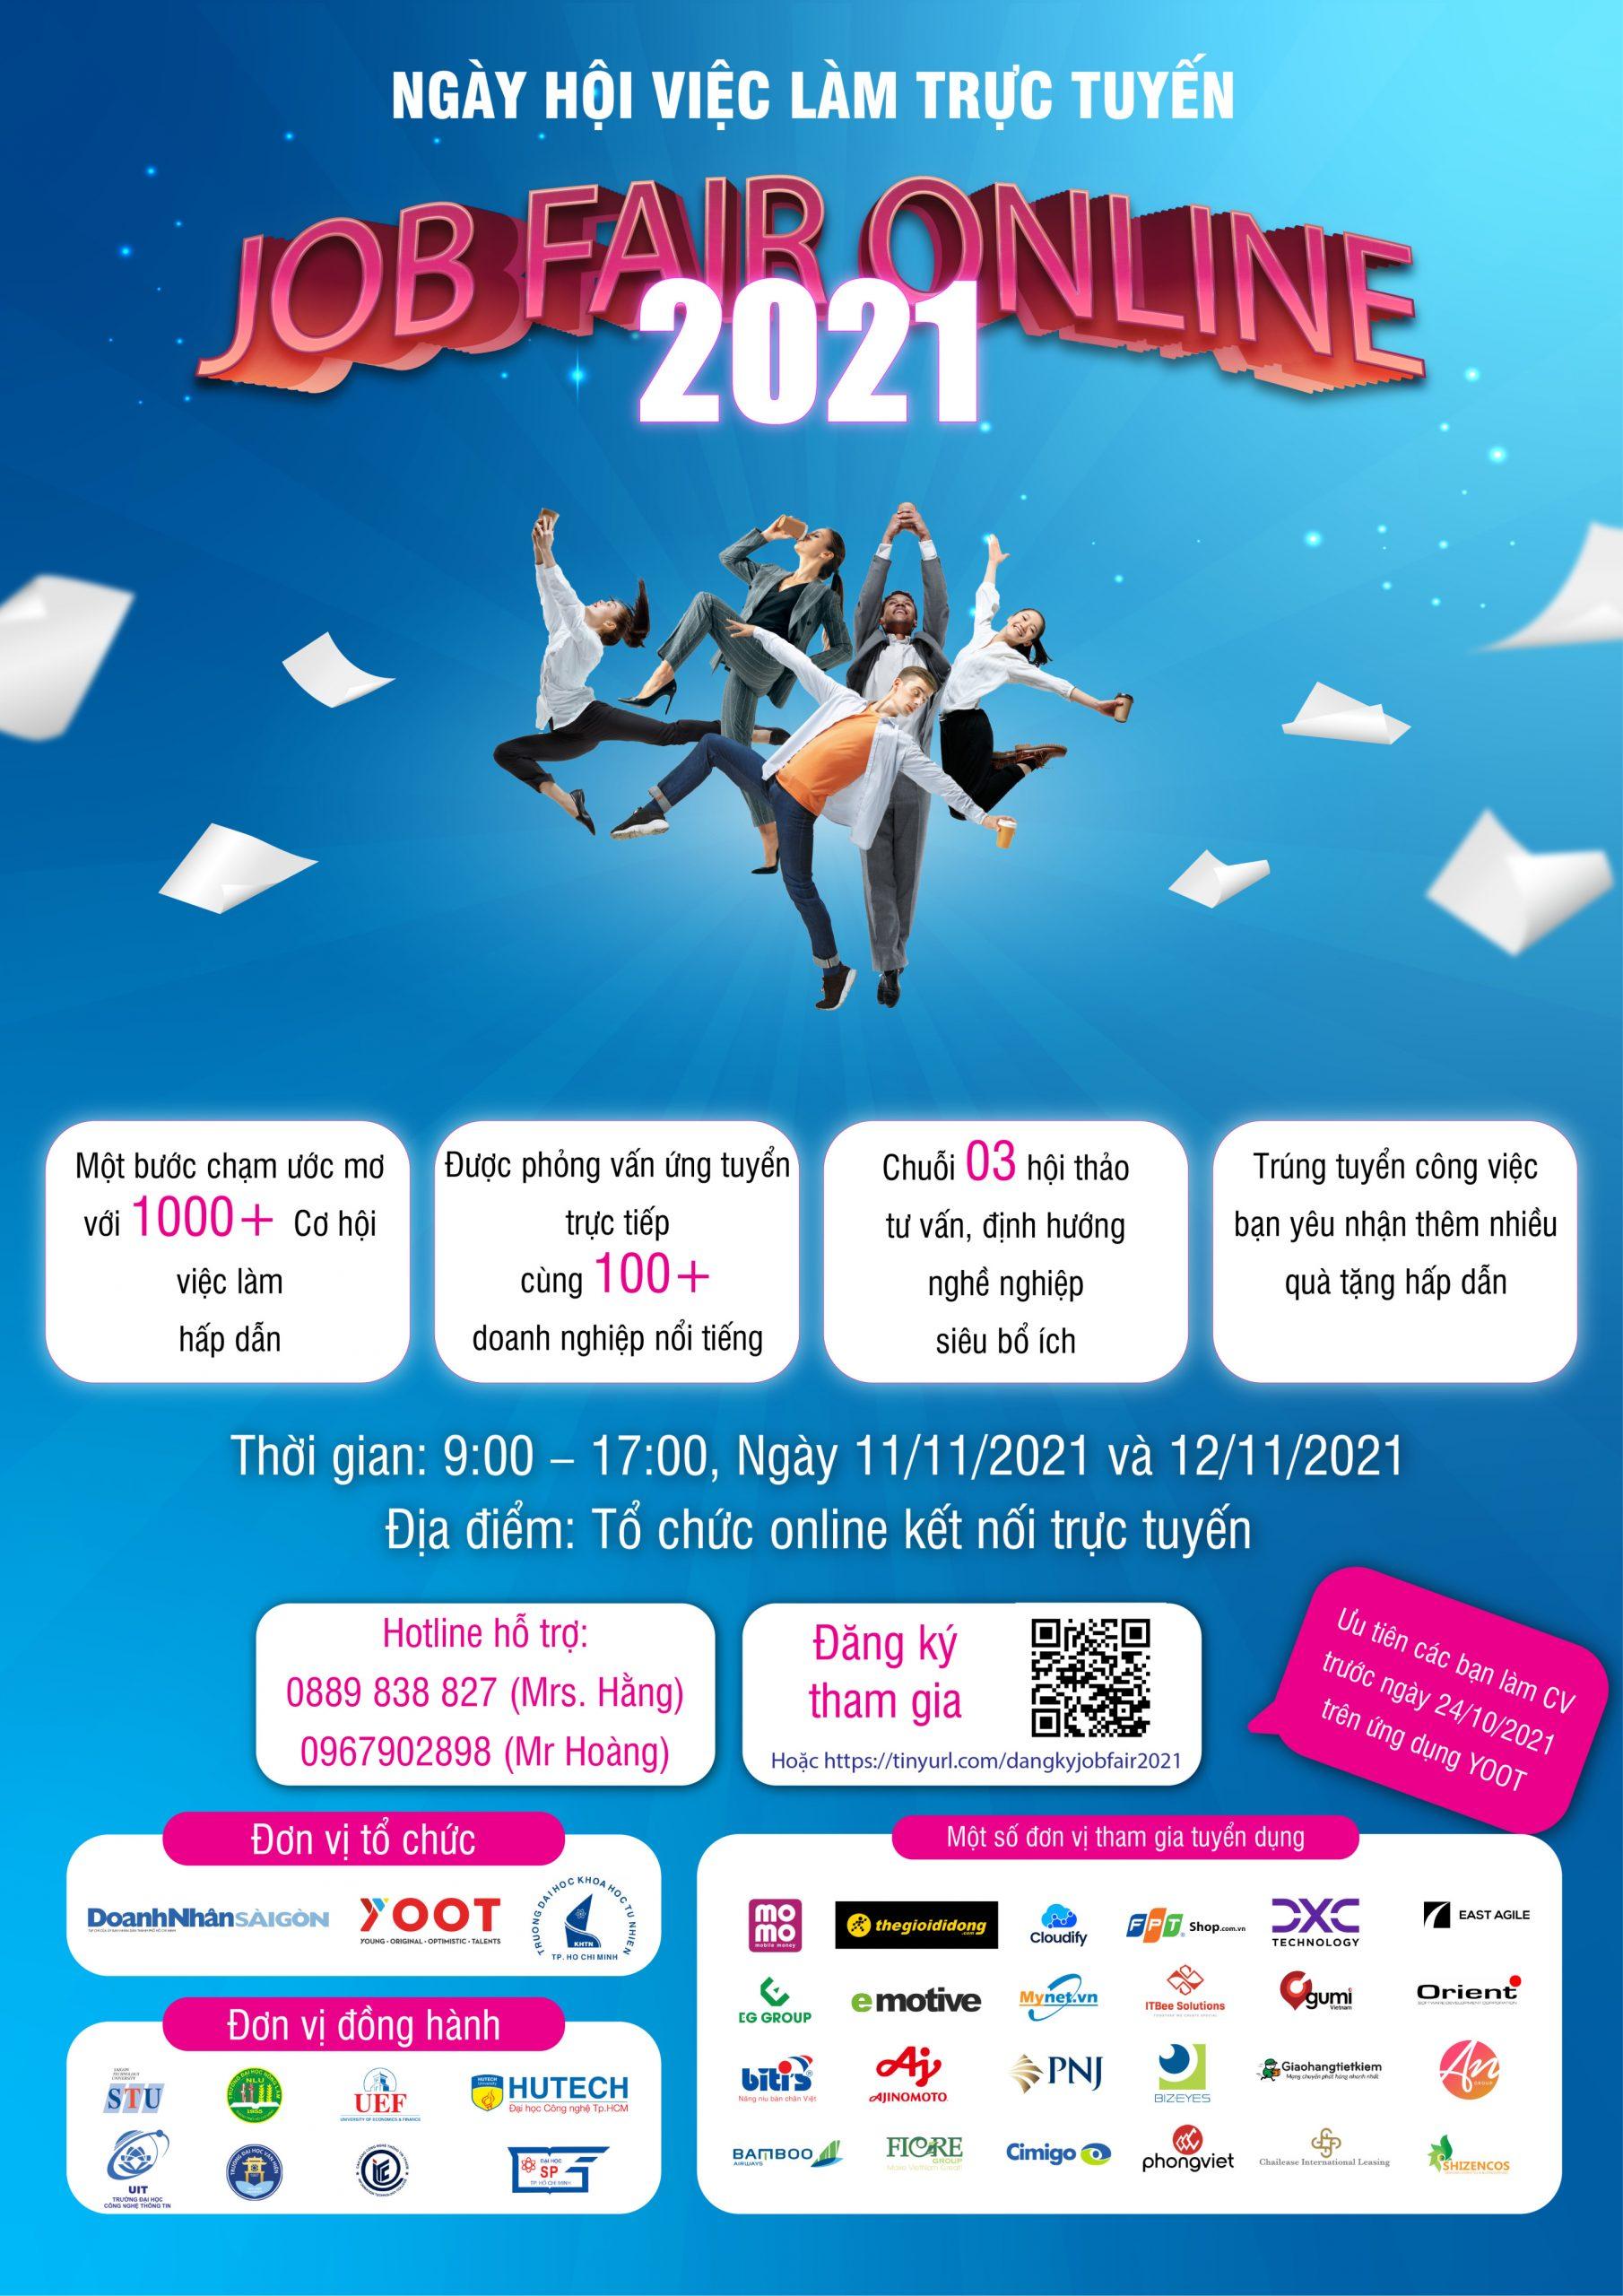 NGÀY HỘI SINH VIÊN VÀ DOANH NGHIỆP 2021 – JOB FAIR ONLINE 2021